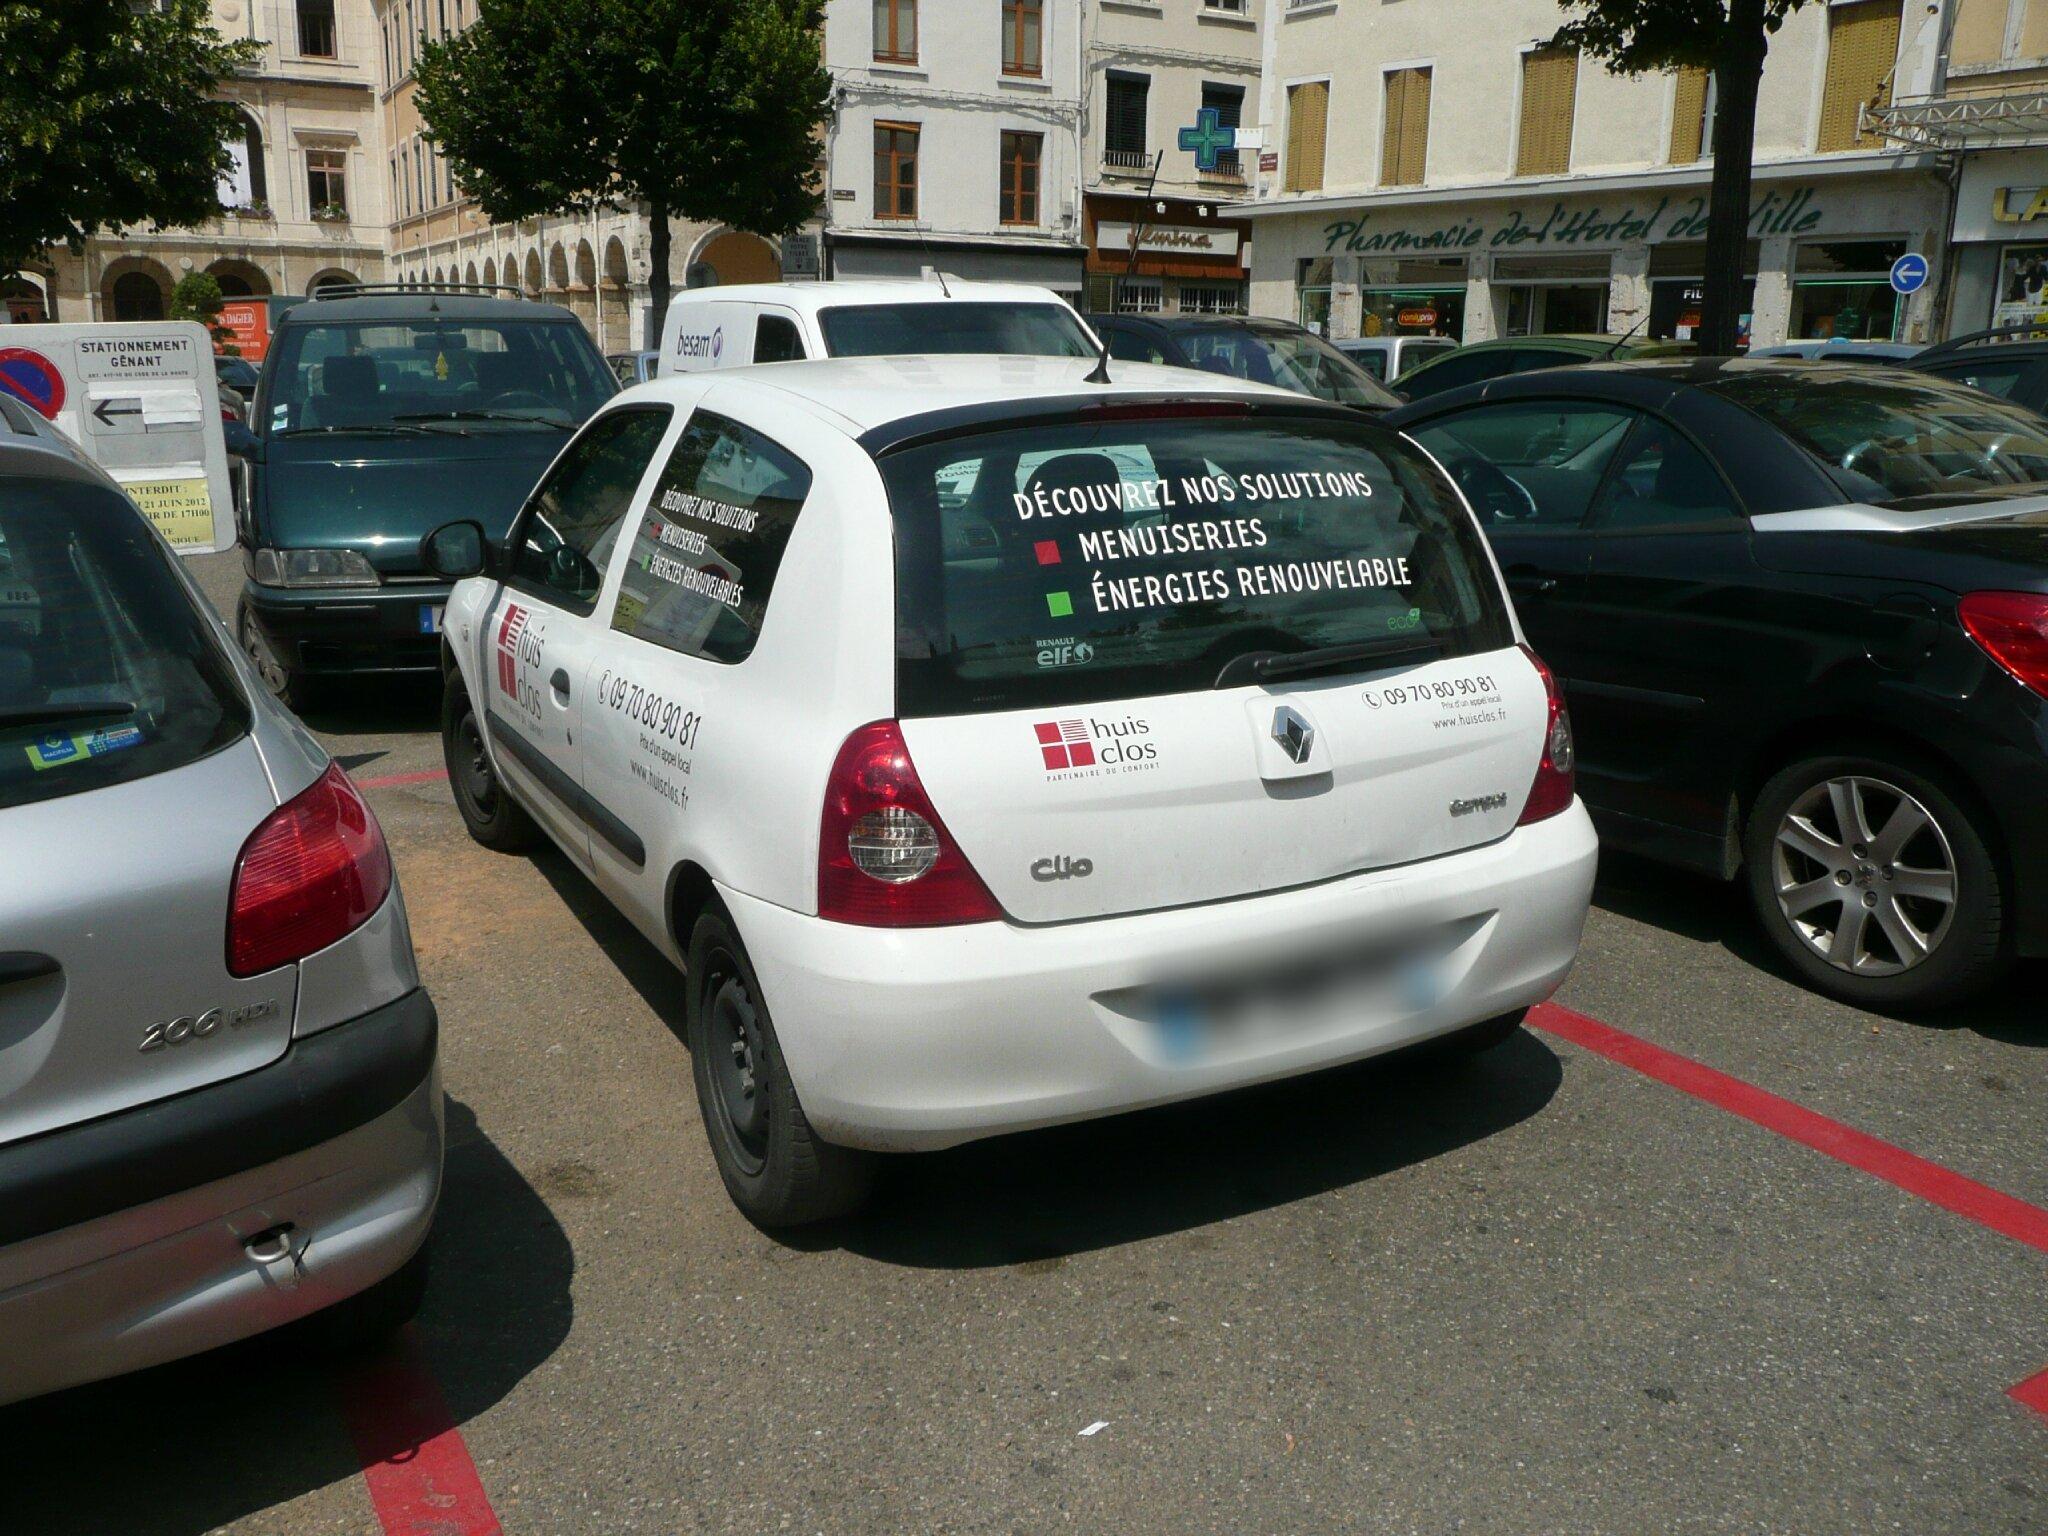 Huit Clos Vienne Isère Menuiserie Chauffage Devanture Vitrine Jeu De